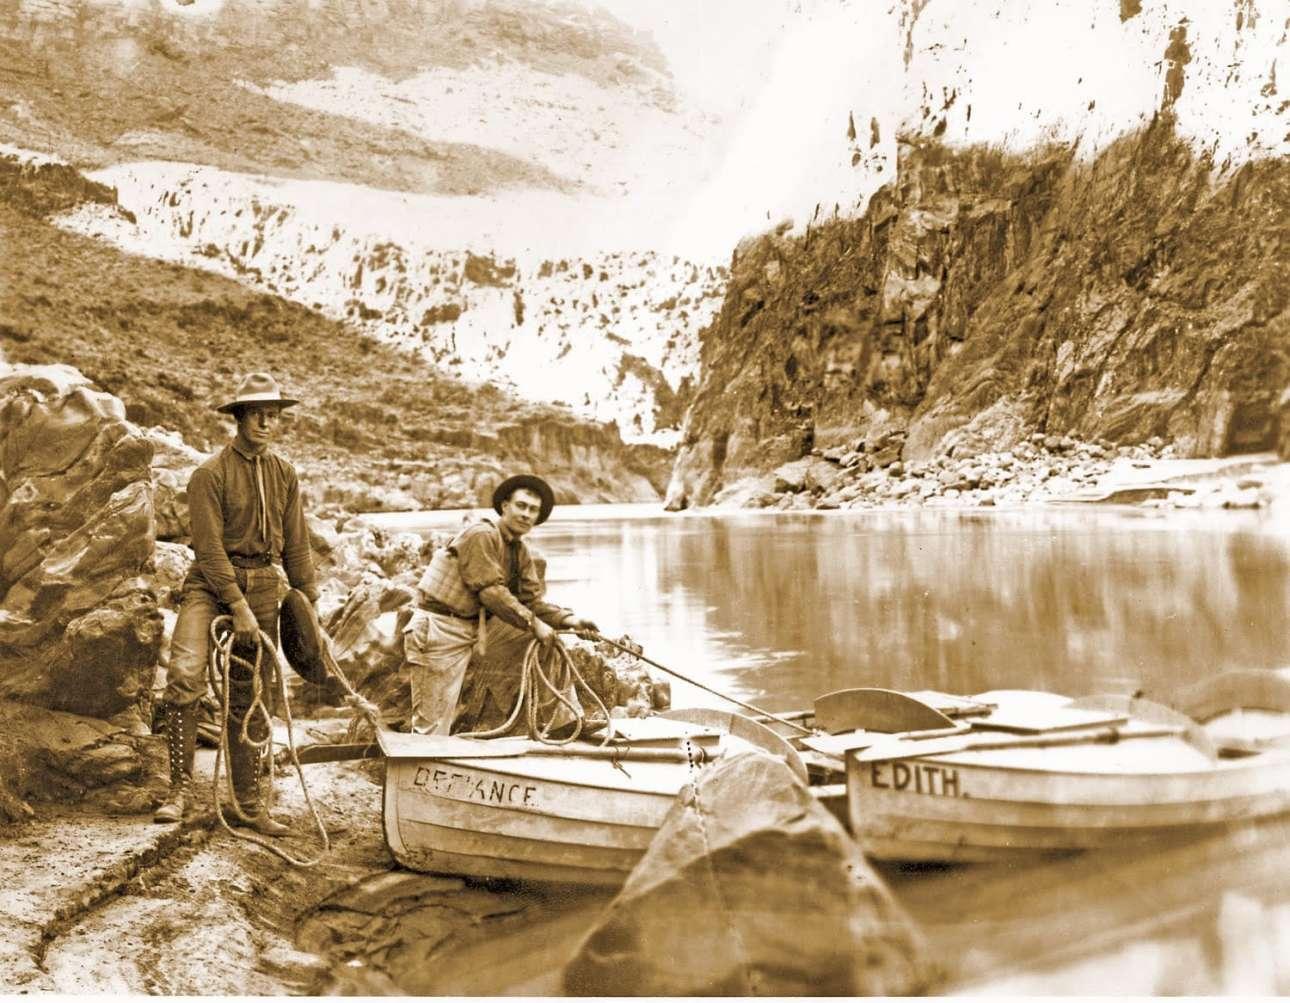 Οι Ελσγουορθ και Εμερι Κολμπ στον ποταμό Κολοράντο, το 1911-1912. Φωτογράφοι και δεινοί εξερευνητές, τα αδέλφια Κολμπ σκαρφάλωναν μόνο με σχοινιά και γυμνά χέρια σε σχεδόν απρόσιτες κορυφές και διέσχιζαν σχεδόν απροσπέλαστους καταρράκτες για χάρη μίας φωτογραφίας, σύμφωνα με τον Ρότζερ Νέιλορ που έγραψε βιβλίο για αυτούς